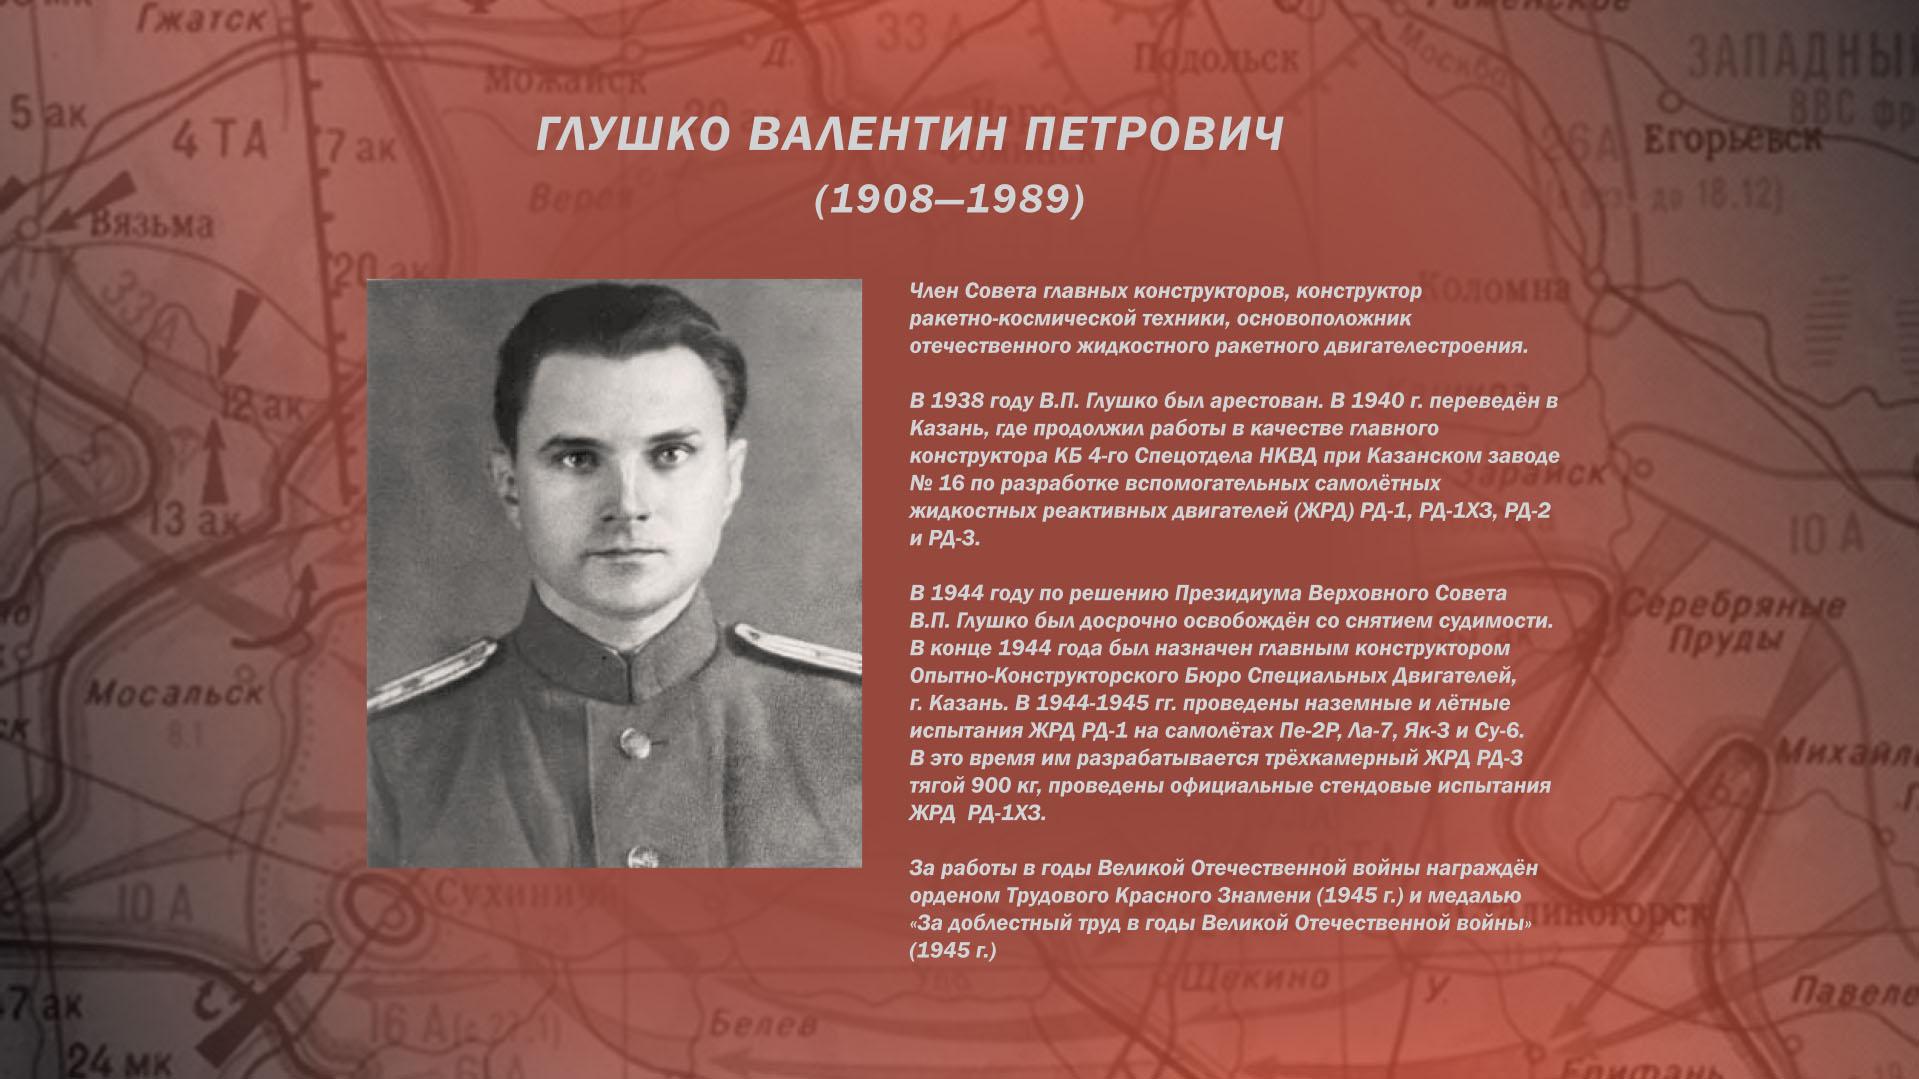 Глушко Валентин Петрович